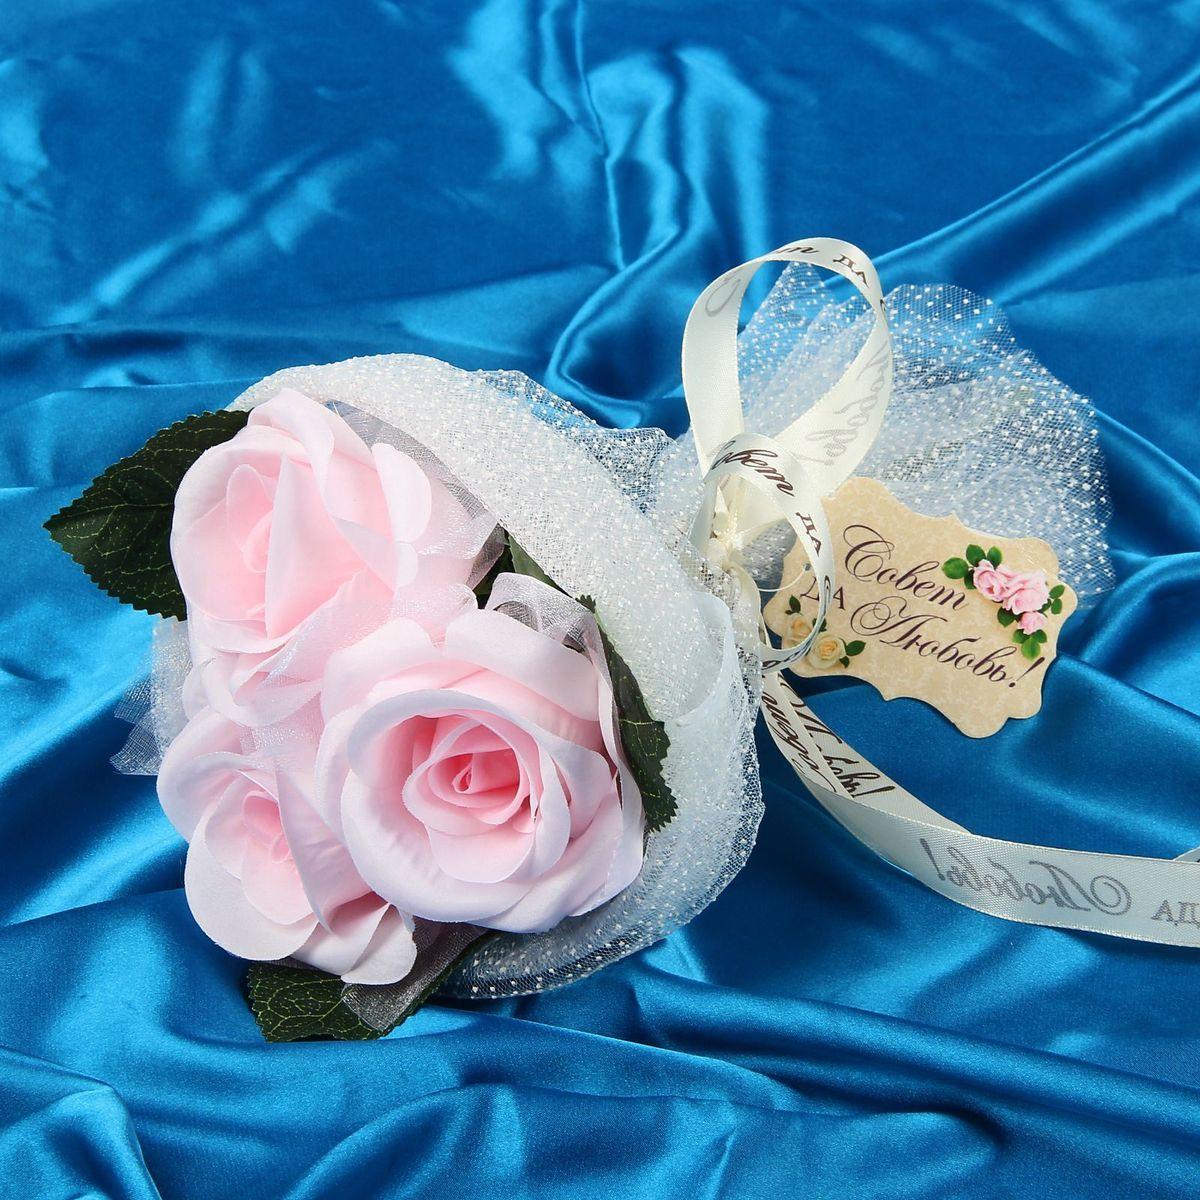 Sima-land Букет-дублер Воздушность розы, цвет: розовый. 12126331212633Современные невесты используют букеты из искусственных материалов, потому что они легче, дешевле и не рассыпаются в полете. Ведь для многих незамужних подружек поймать букет на свадьбе — шанс осуществления заветной мечты. Кроме свадебной тематики изделие используют для фотосессий, так как оно не утрачивает праздничный вид даже в непогоду, и как элемент украшения интерьера. Многие рестораны и отели на выставках и праздниках предпочитают использовать украшения из неувядающих цветов. Оригинальный букет будет в центре внимания на торжественном событии и оставит самые яркие впечатления.